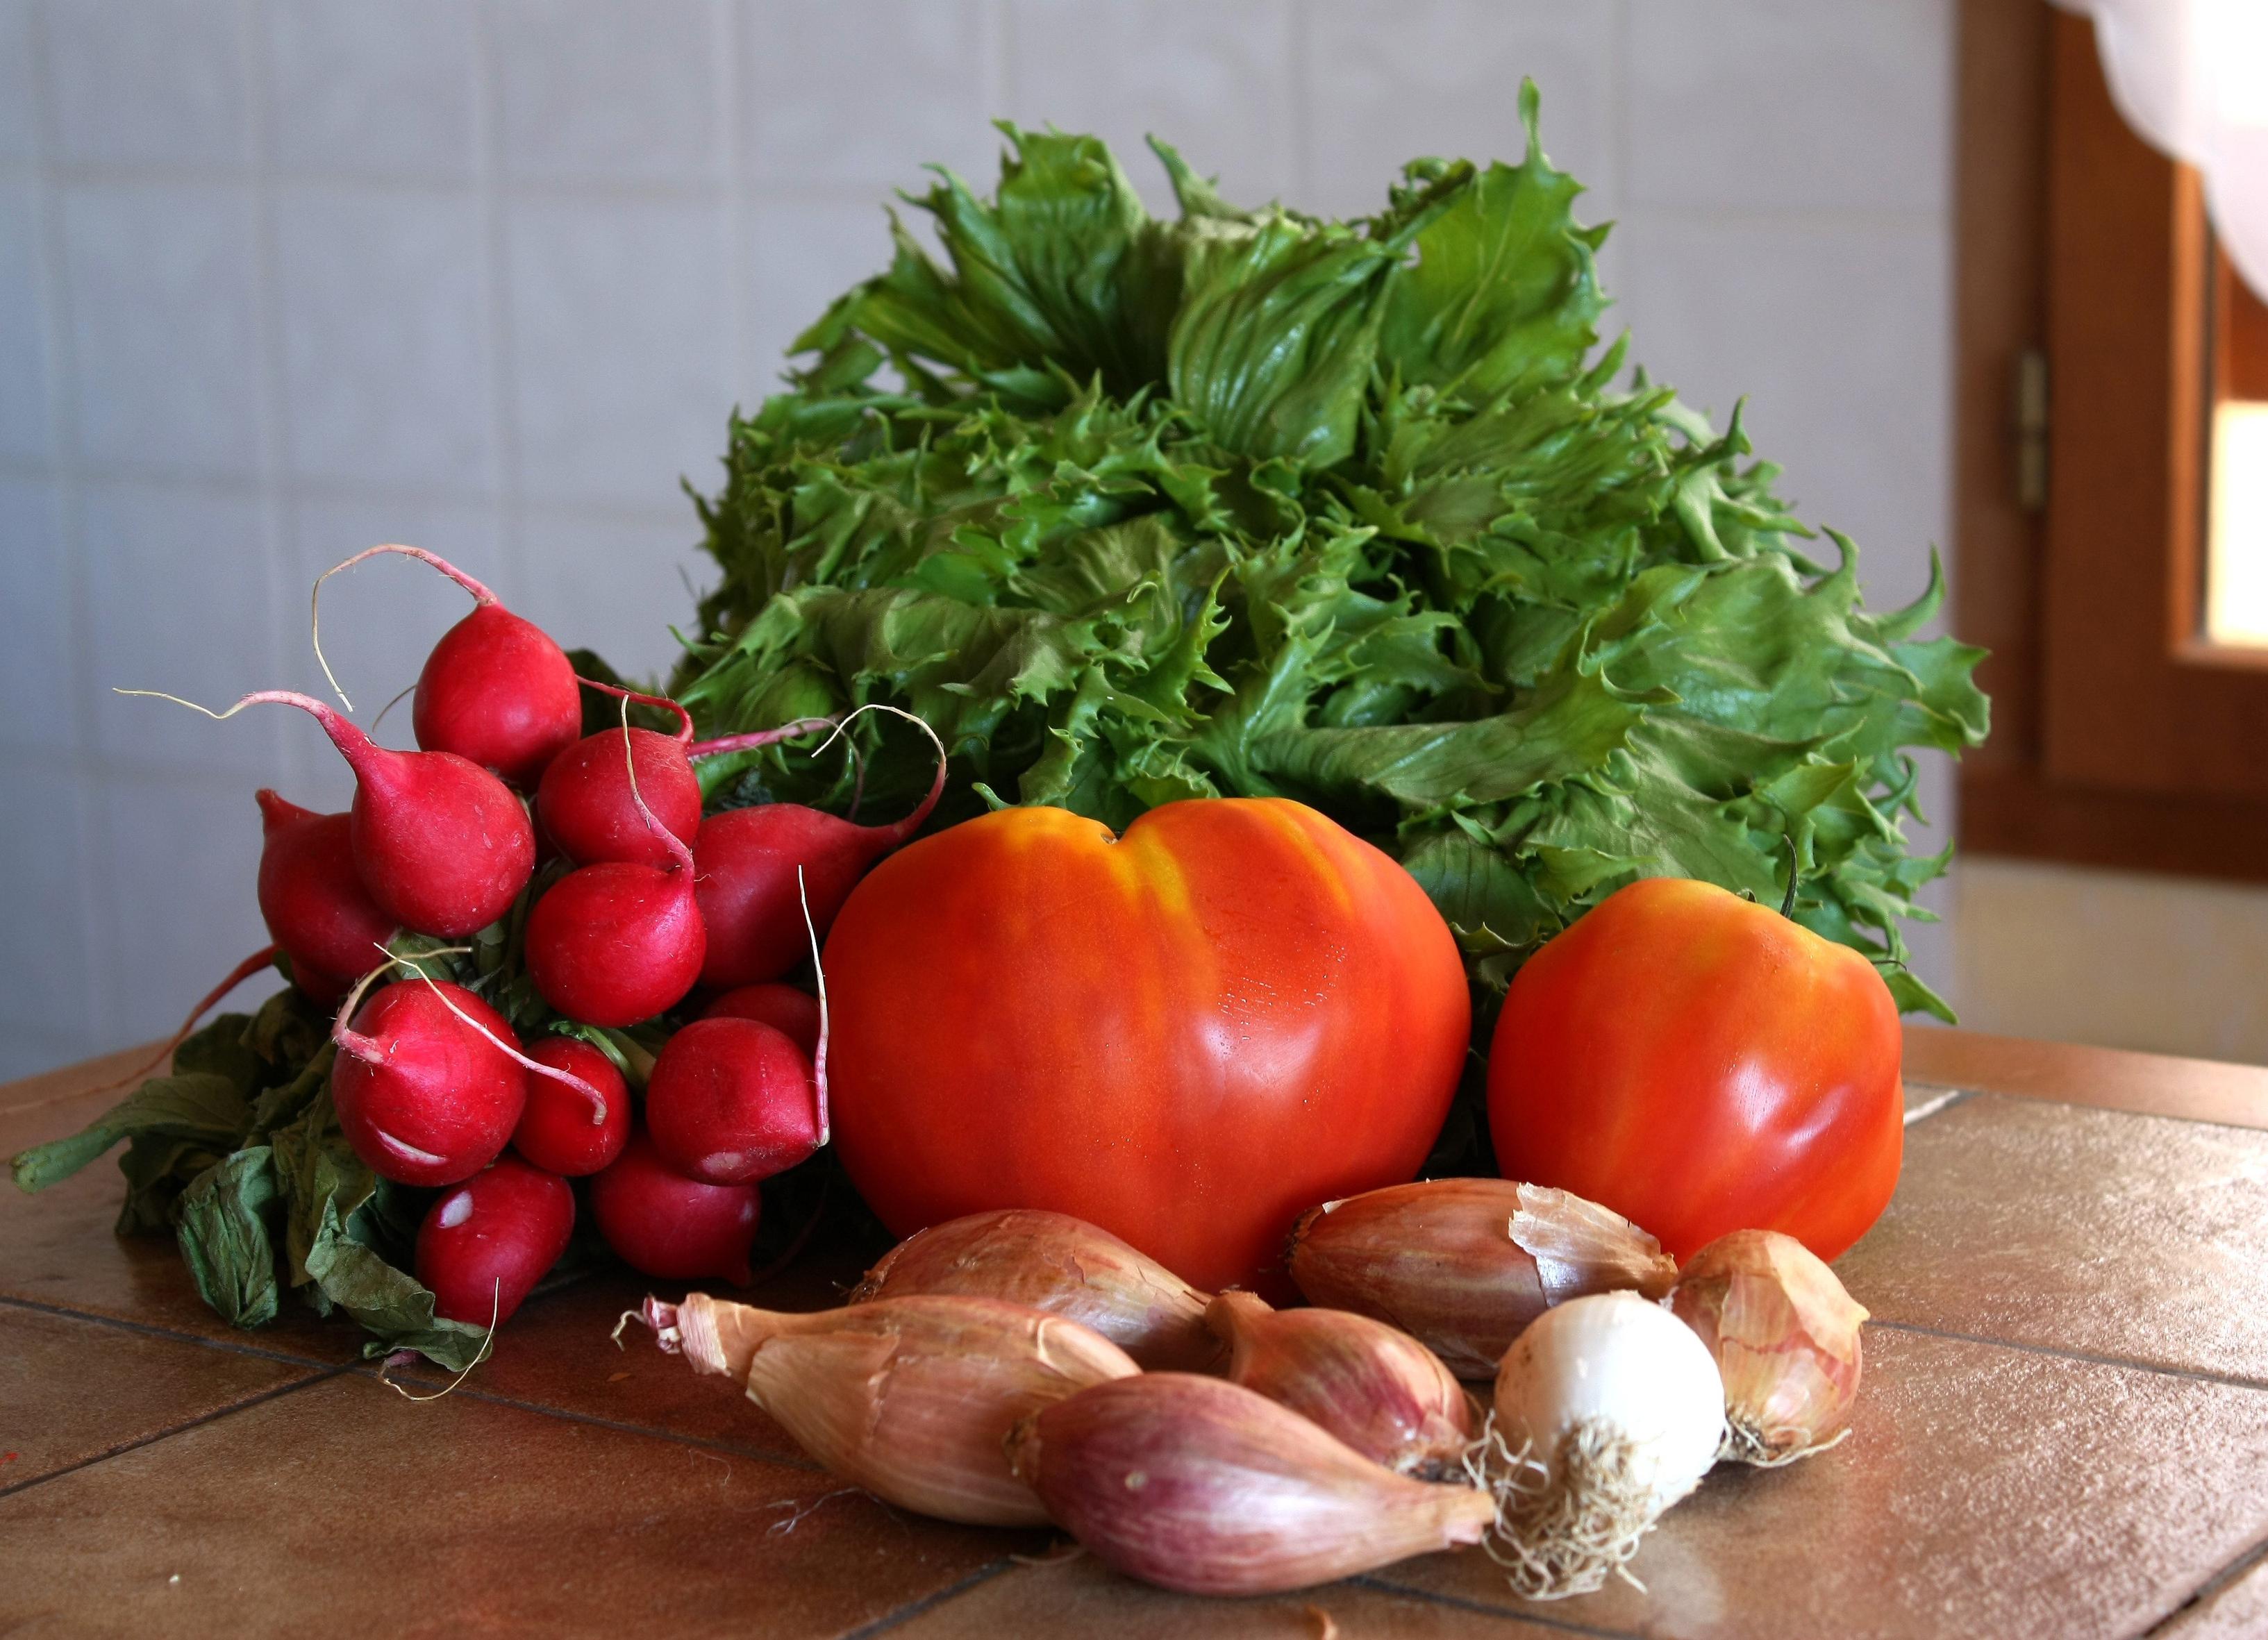 La conservation des produits frais peut conduire à une diminution des teneurs en micronutriments - © INRA